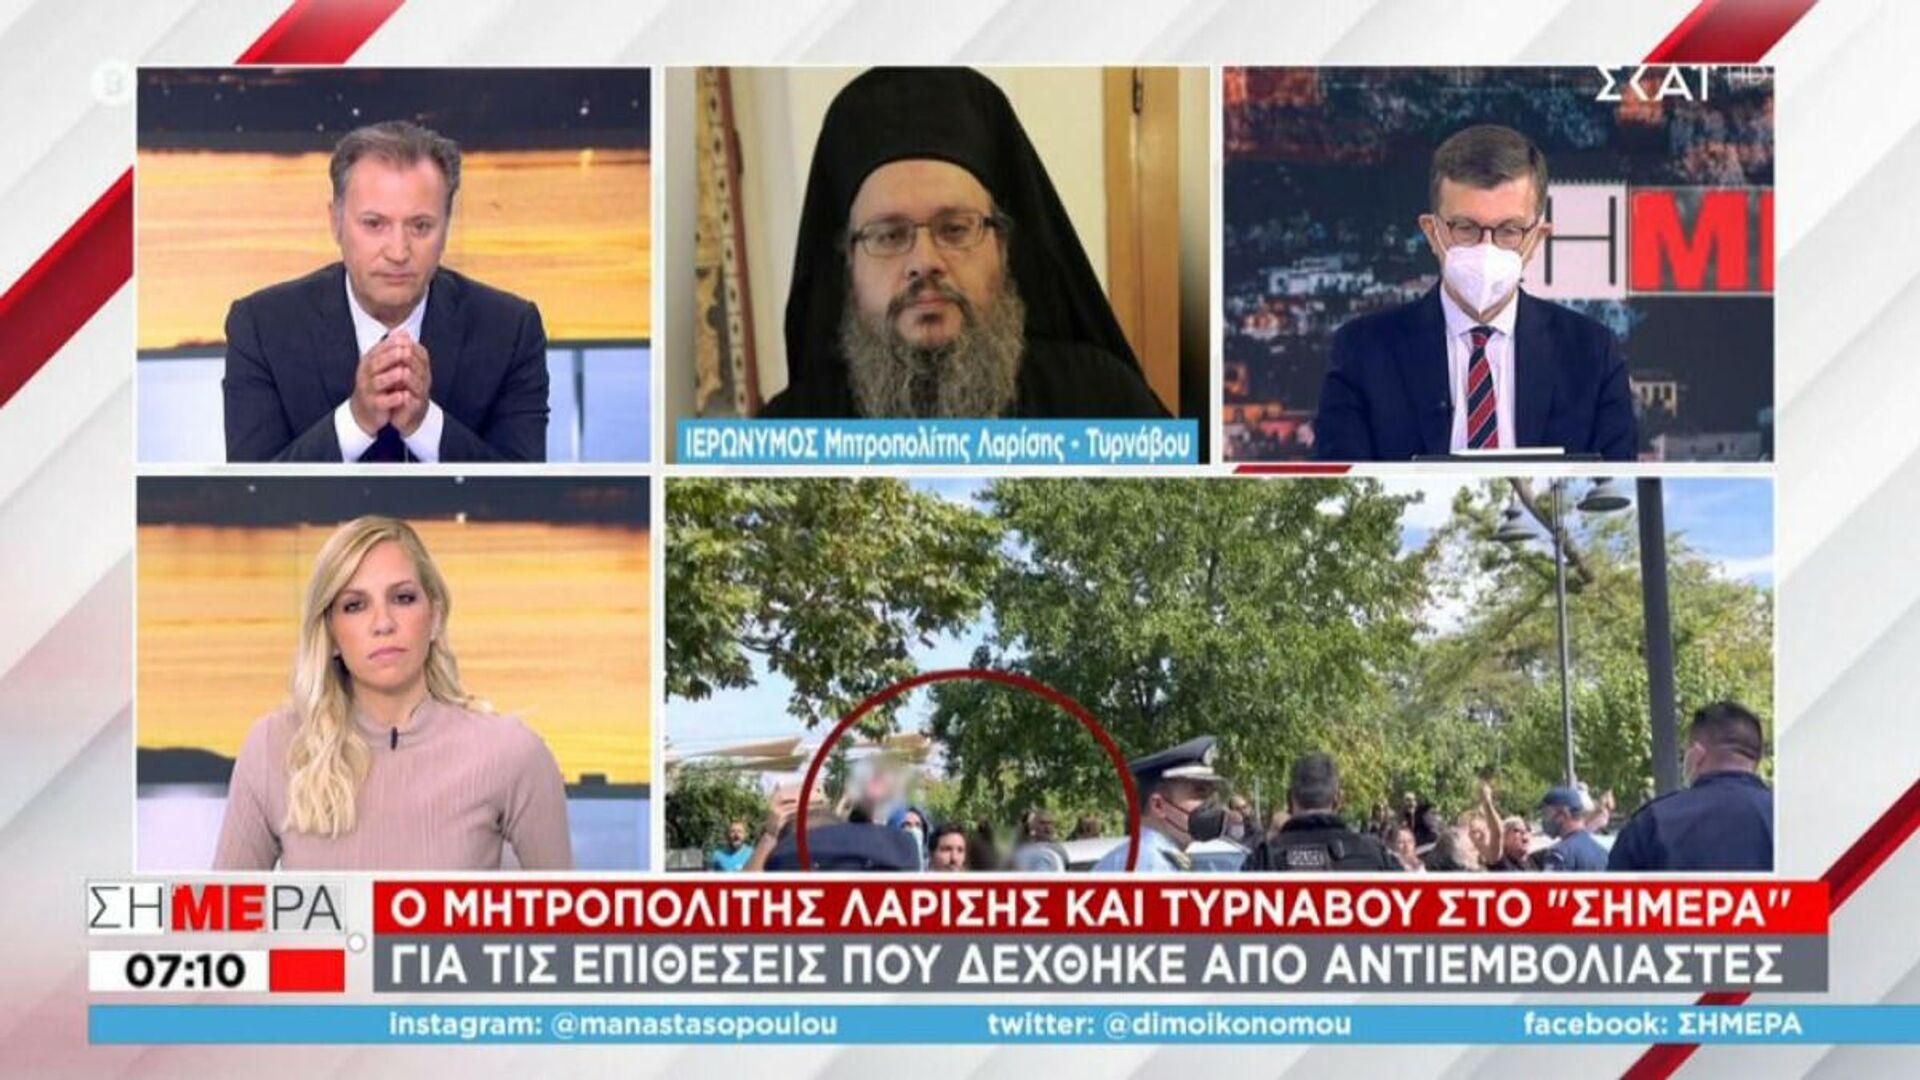 Ο Μητροπολίτης Λαρίσης και Τυρνάβου Ιερώνυμος - Sputnik Ελλάδα, 1920, 05.10.2021